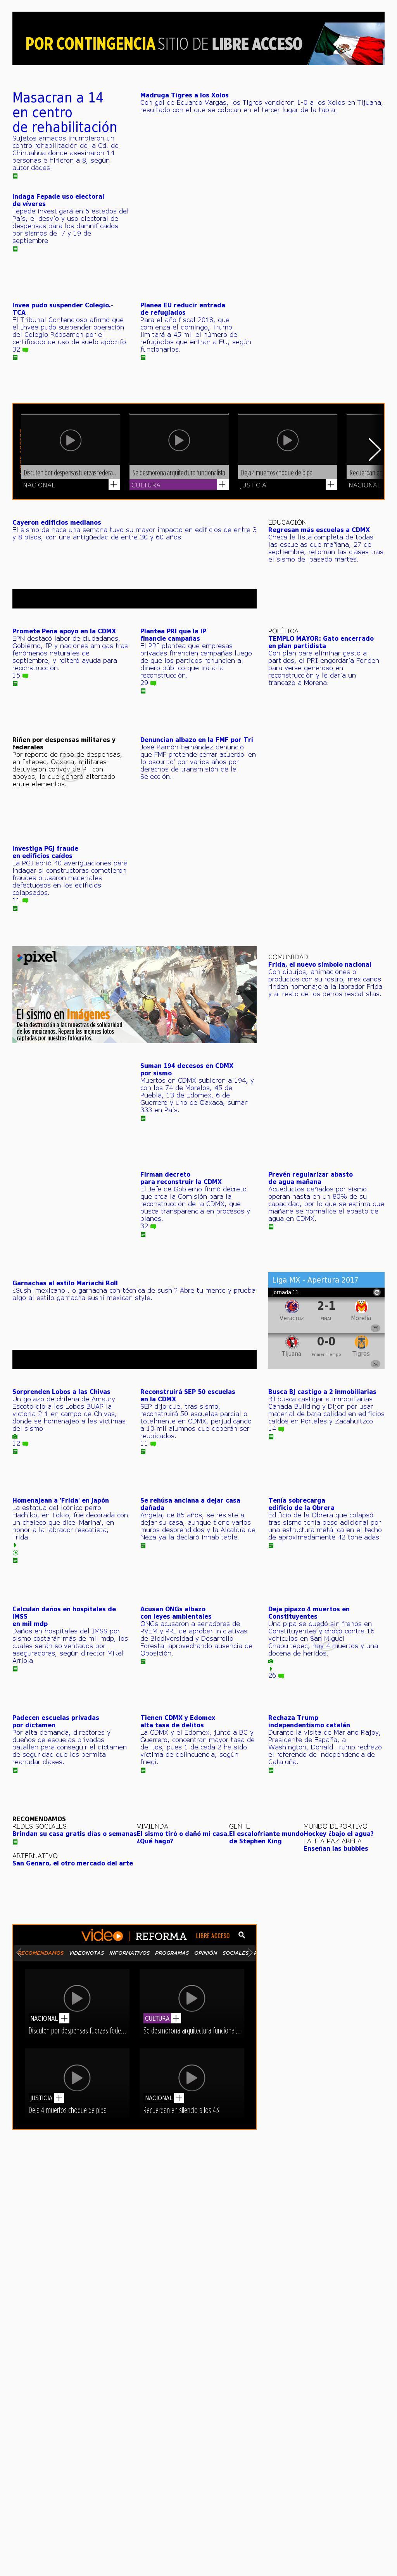 Reforma.com at Wednesday Sept. 27, 2017, 7:20 a.m. UTC